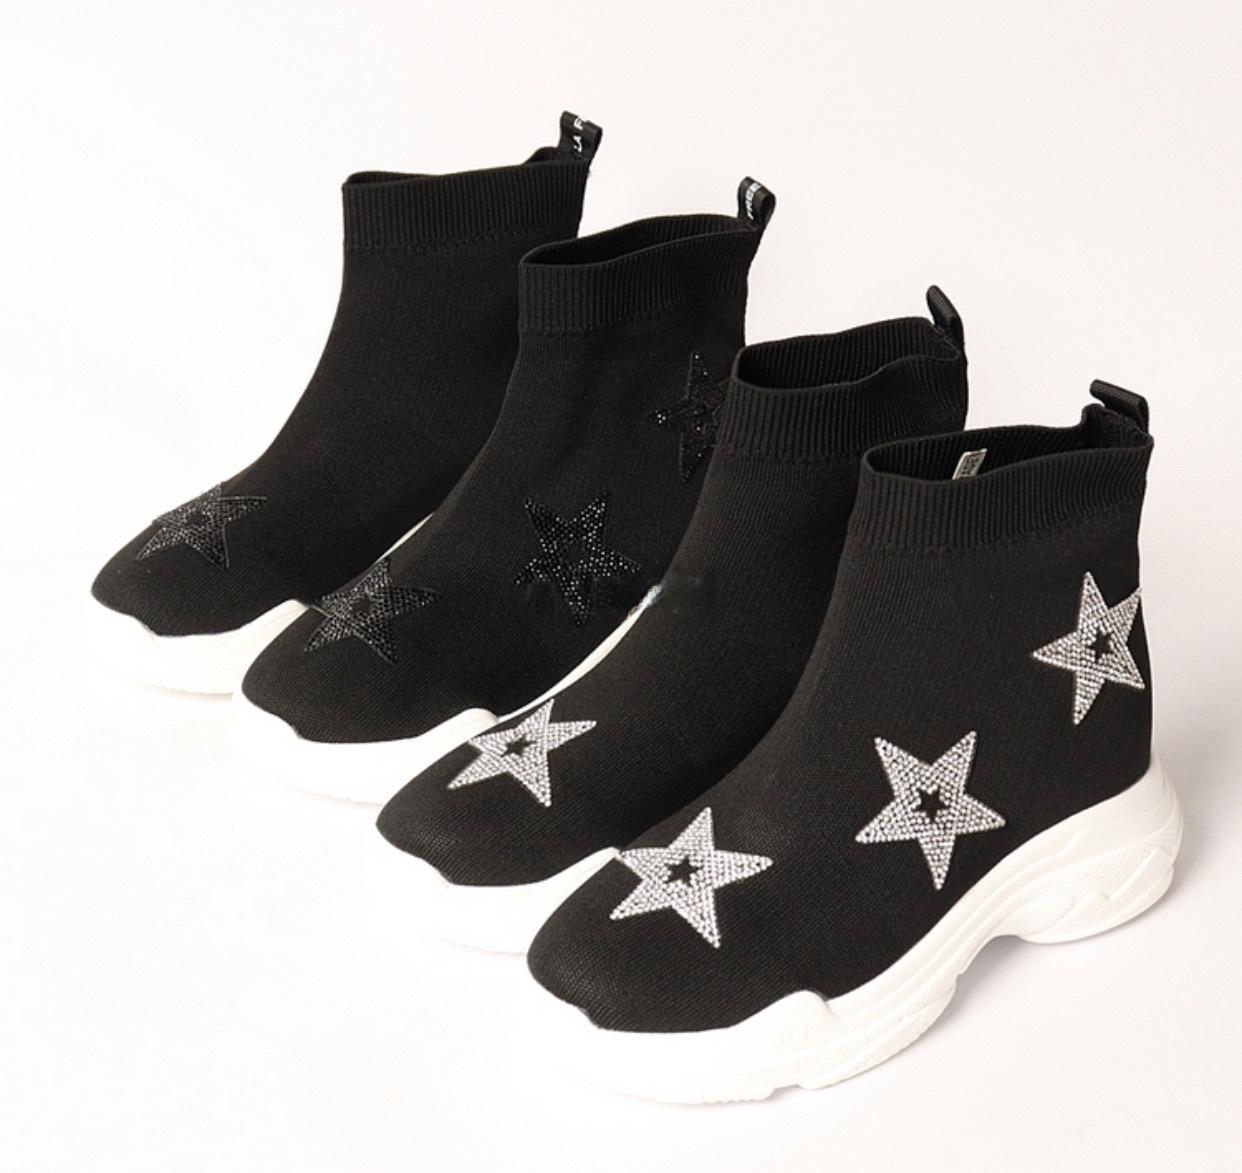 脚長効果ありの1点です 通販 《サイズ交換無料》脚長 倉庫 ストレッチ boots ブーツ 韓国グッズ 04-9006 韓国 ソックススニーカー